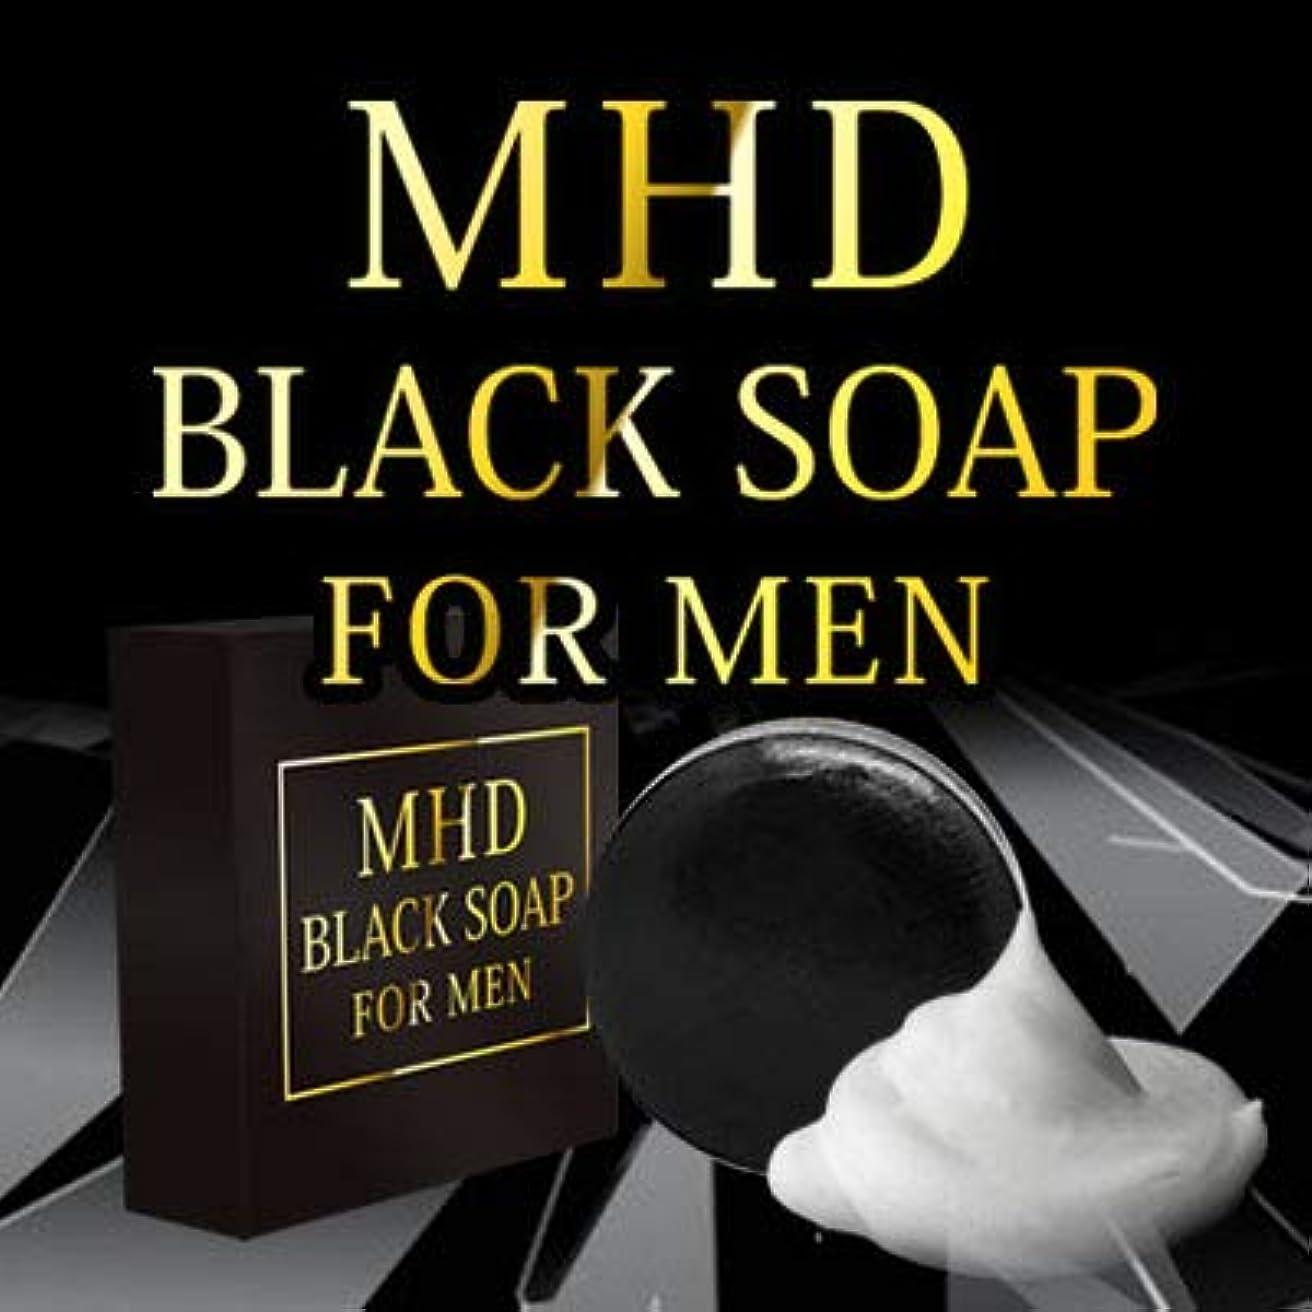 編集する思想接続詞MHD石鹸(BLACK SOAP FOR MEN) メンズ用全身ソープ